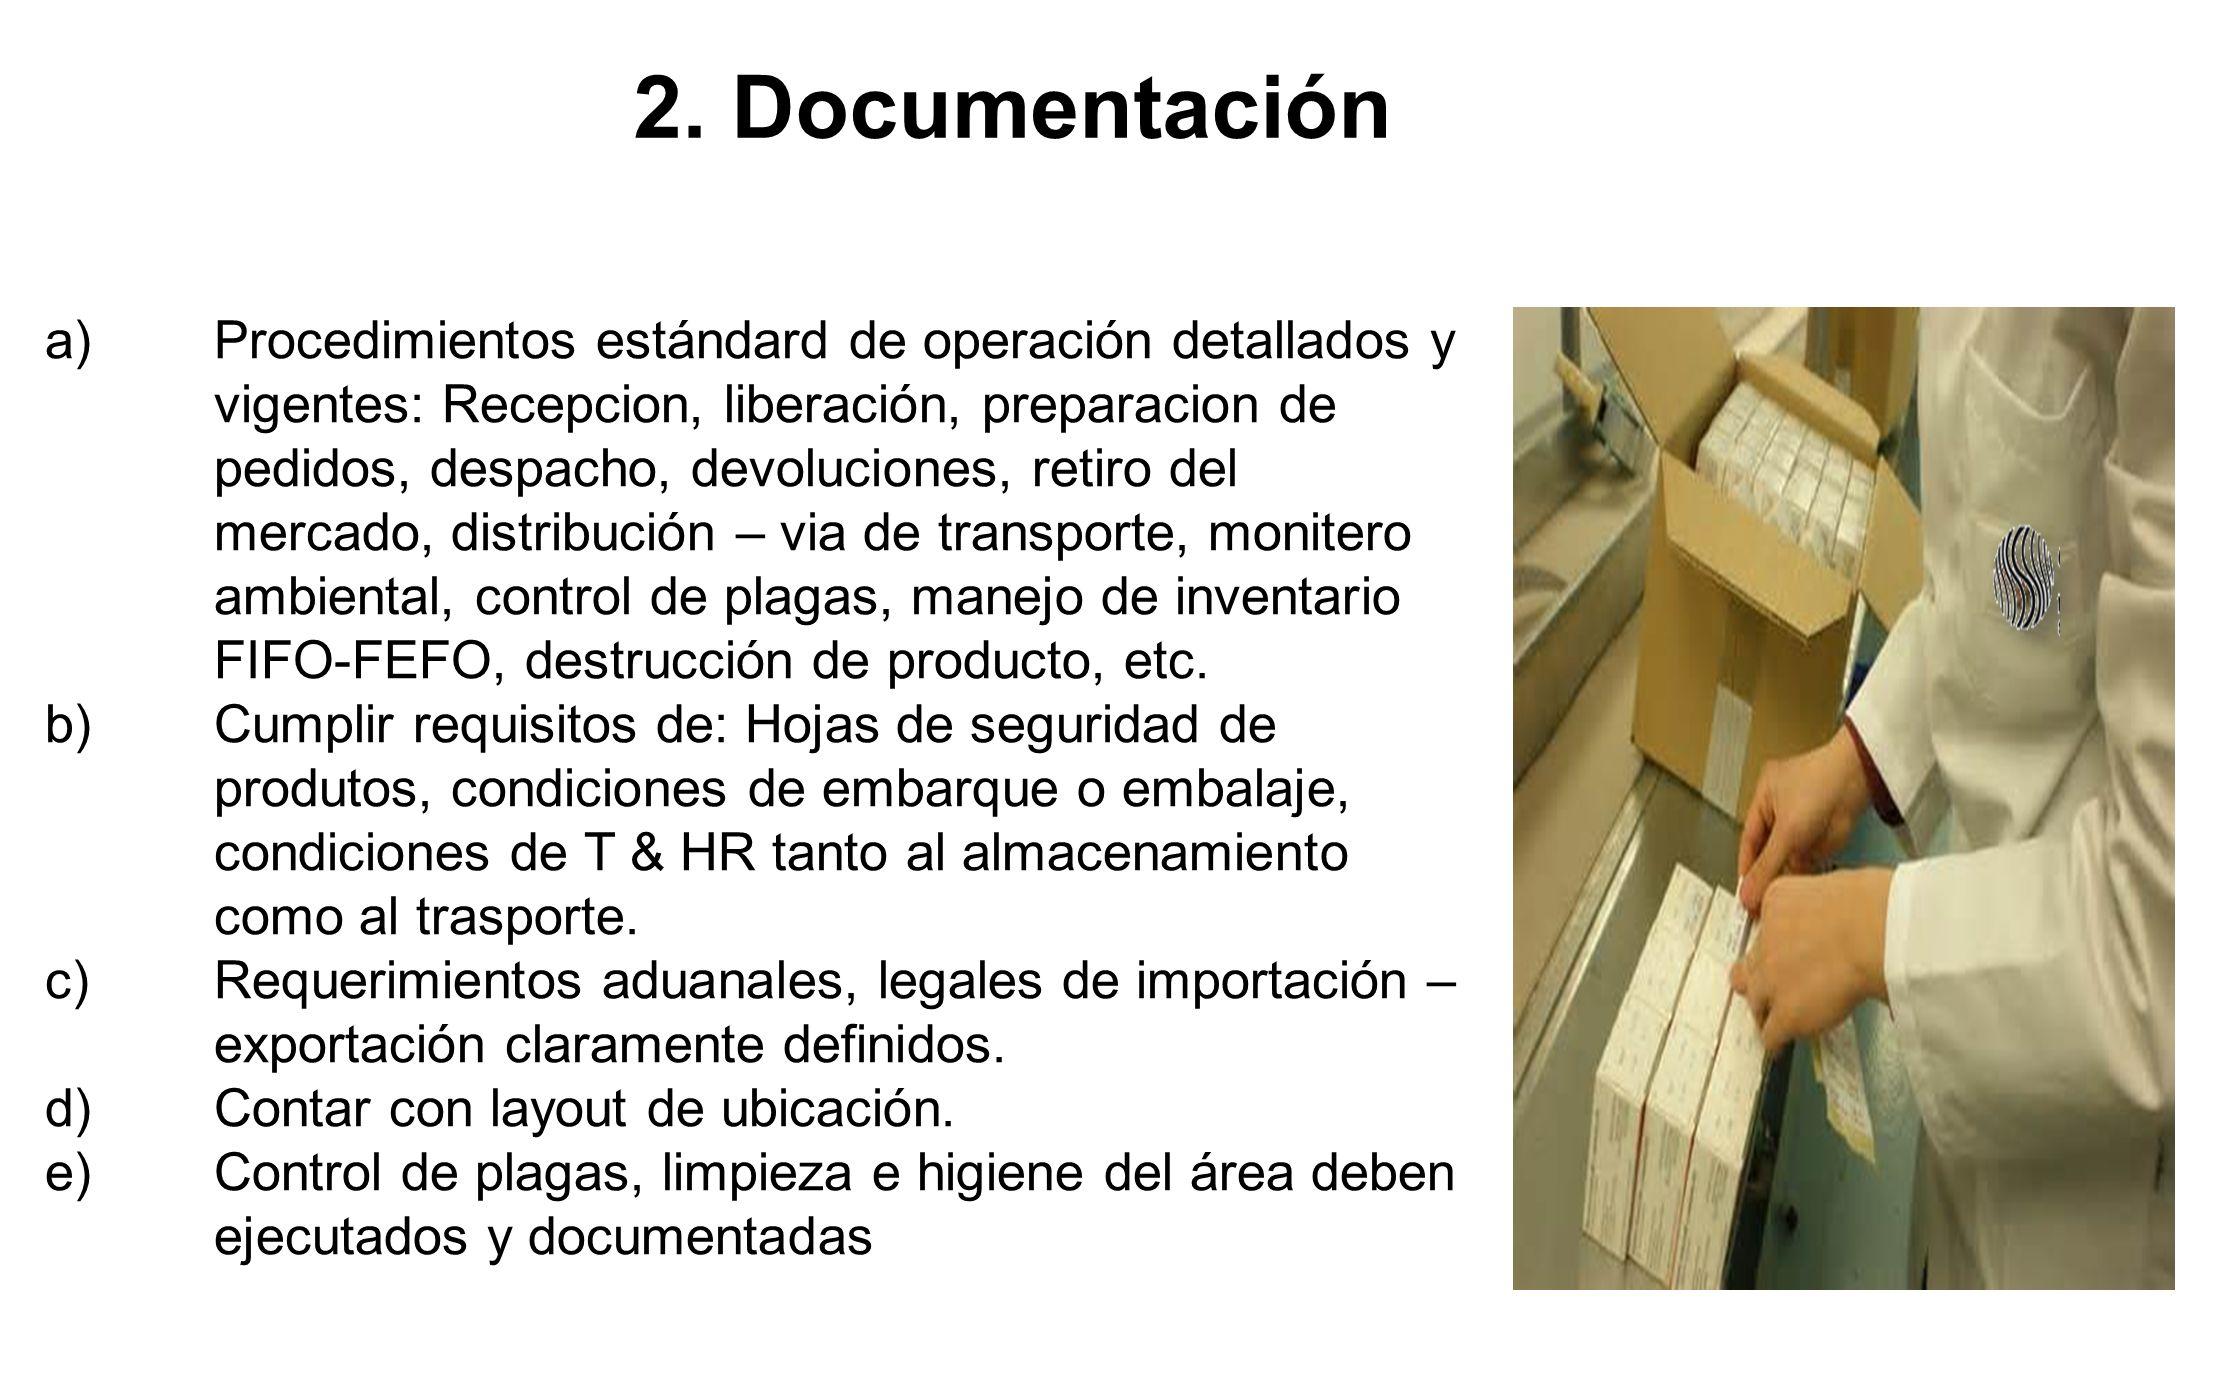 2. Documentación a)Procedimientos estándard de operación detallados y vigentes: Recepcion, liberación, preparacion de pedidos, despacho, devoluciones,